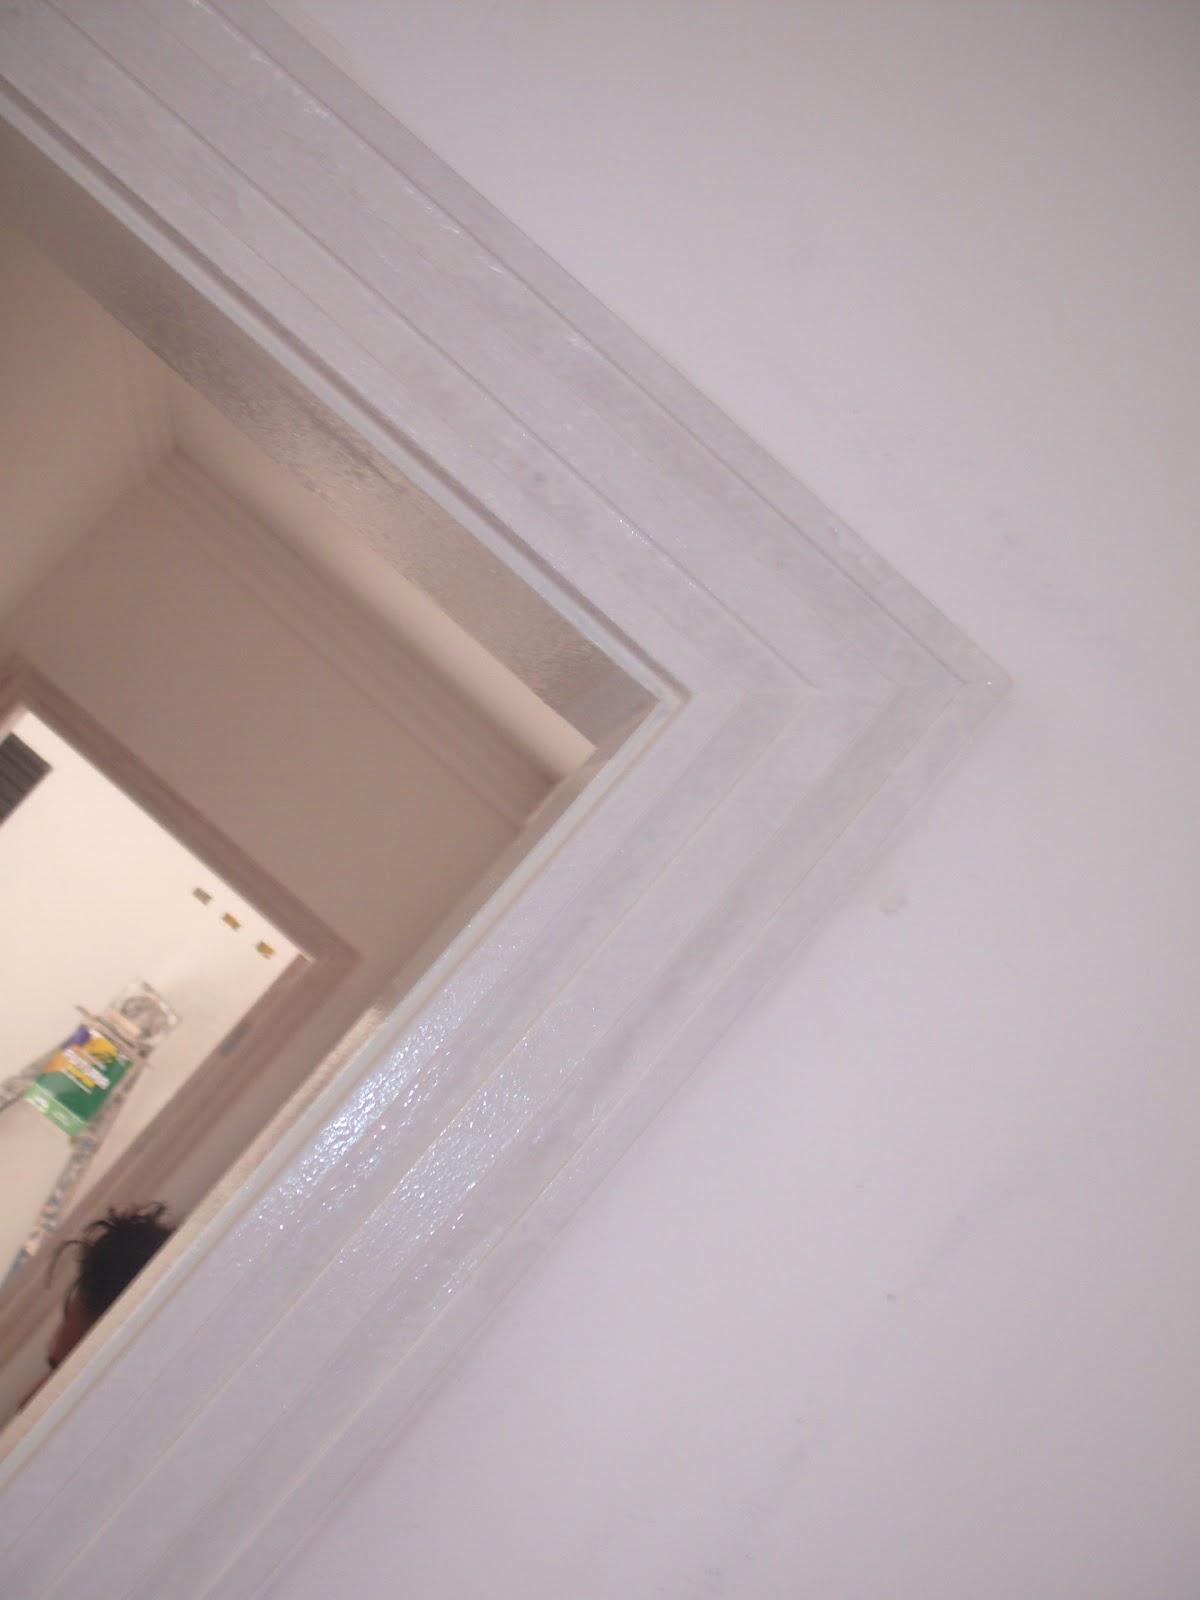 #805E4B Loucuras de uma Construção: Portas e janelas brancas Glamour ou  1816 Janela De Aluminio Pode Pintar